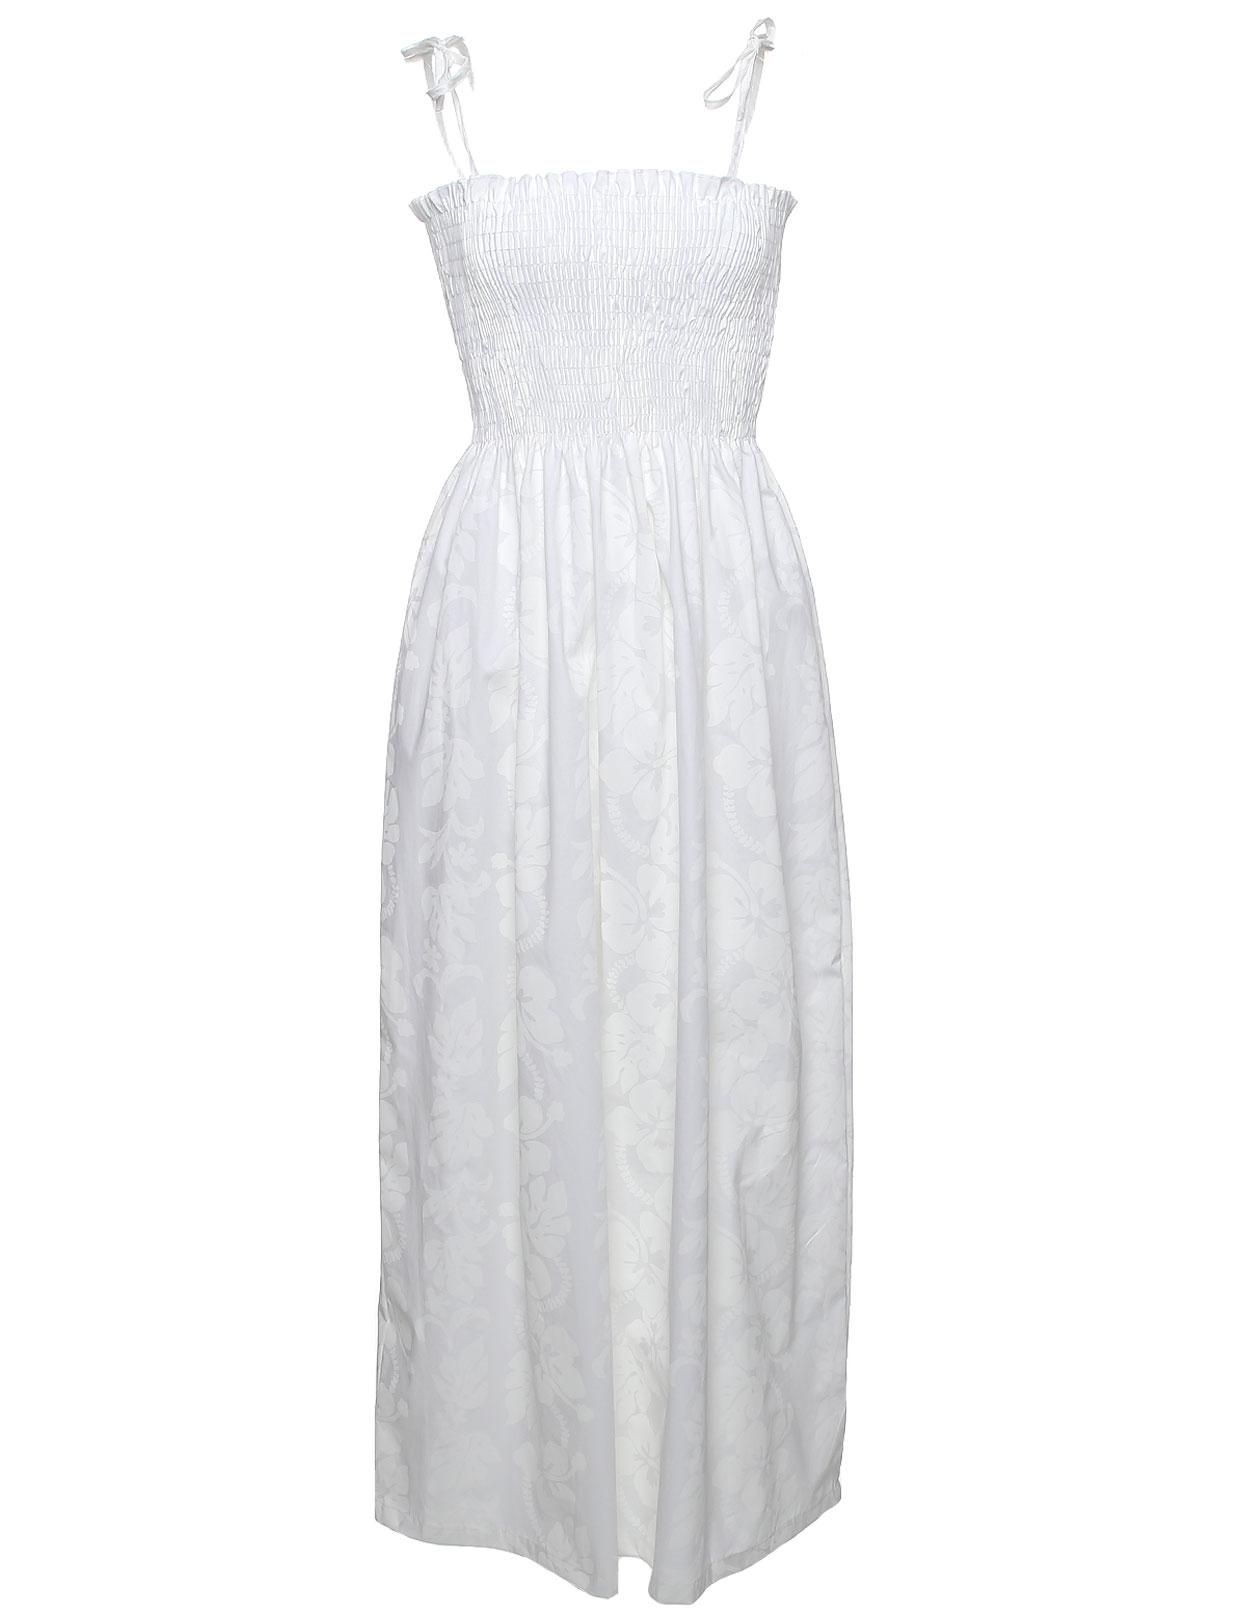 Maxi Smocked Top Long Hawaiian Wedding Dress: Shaka Time Hawaii ...